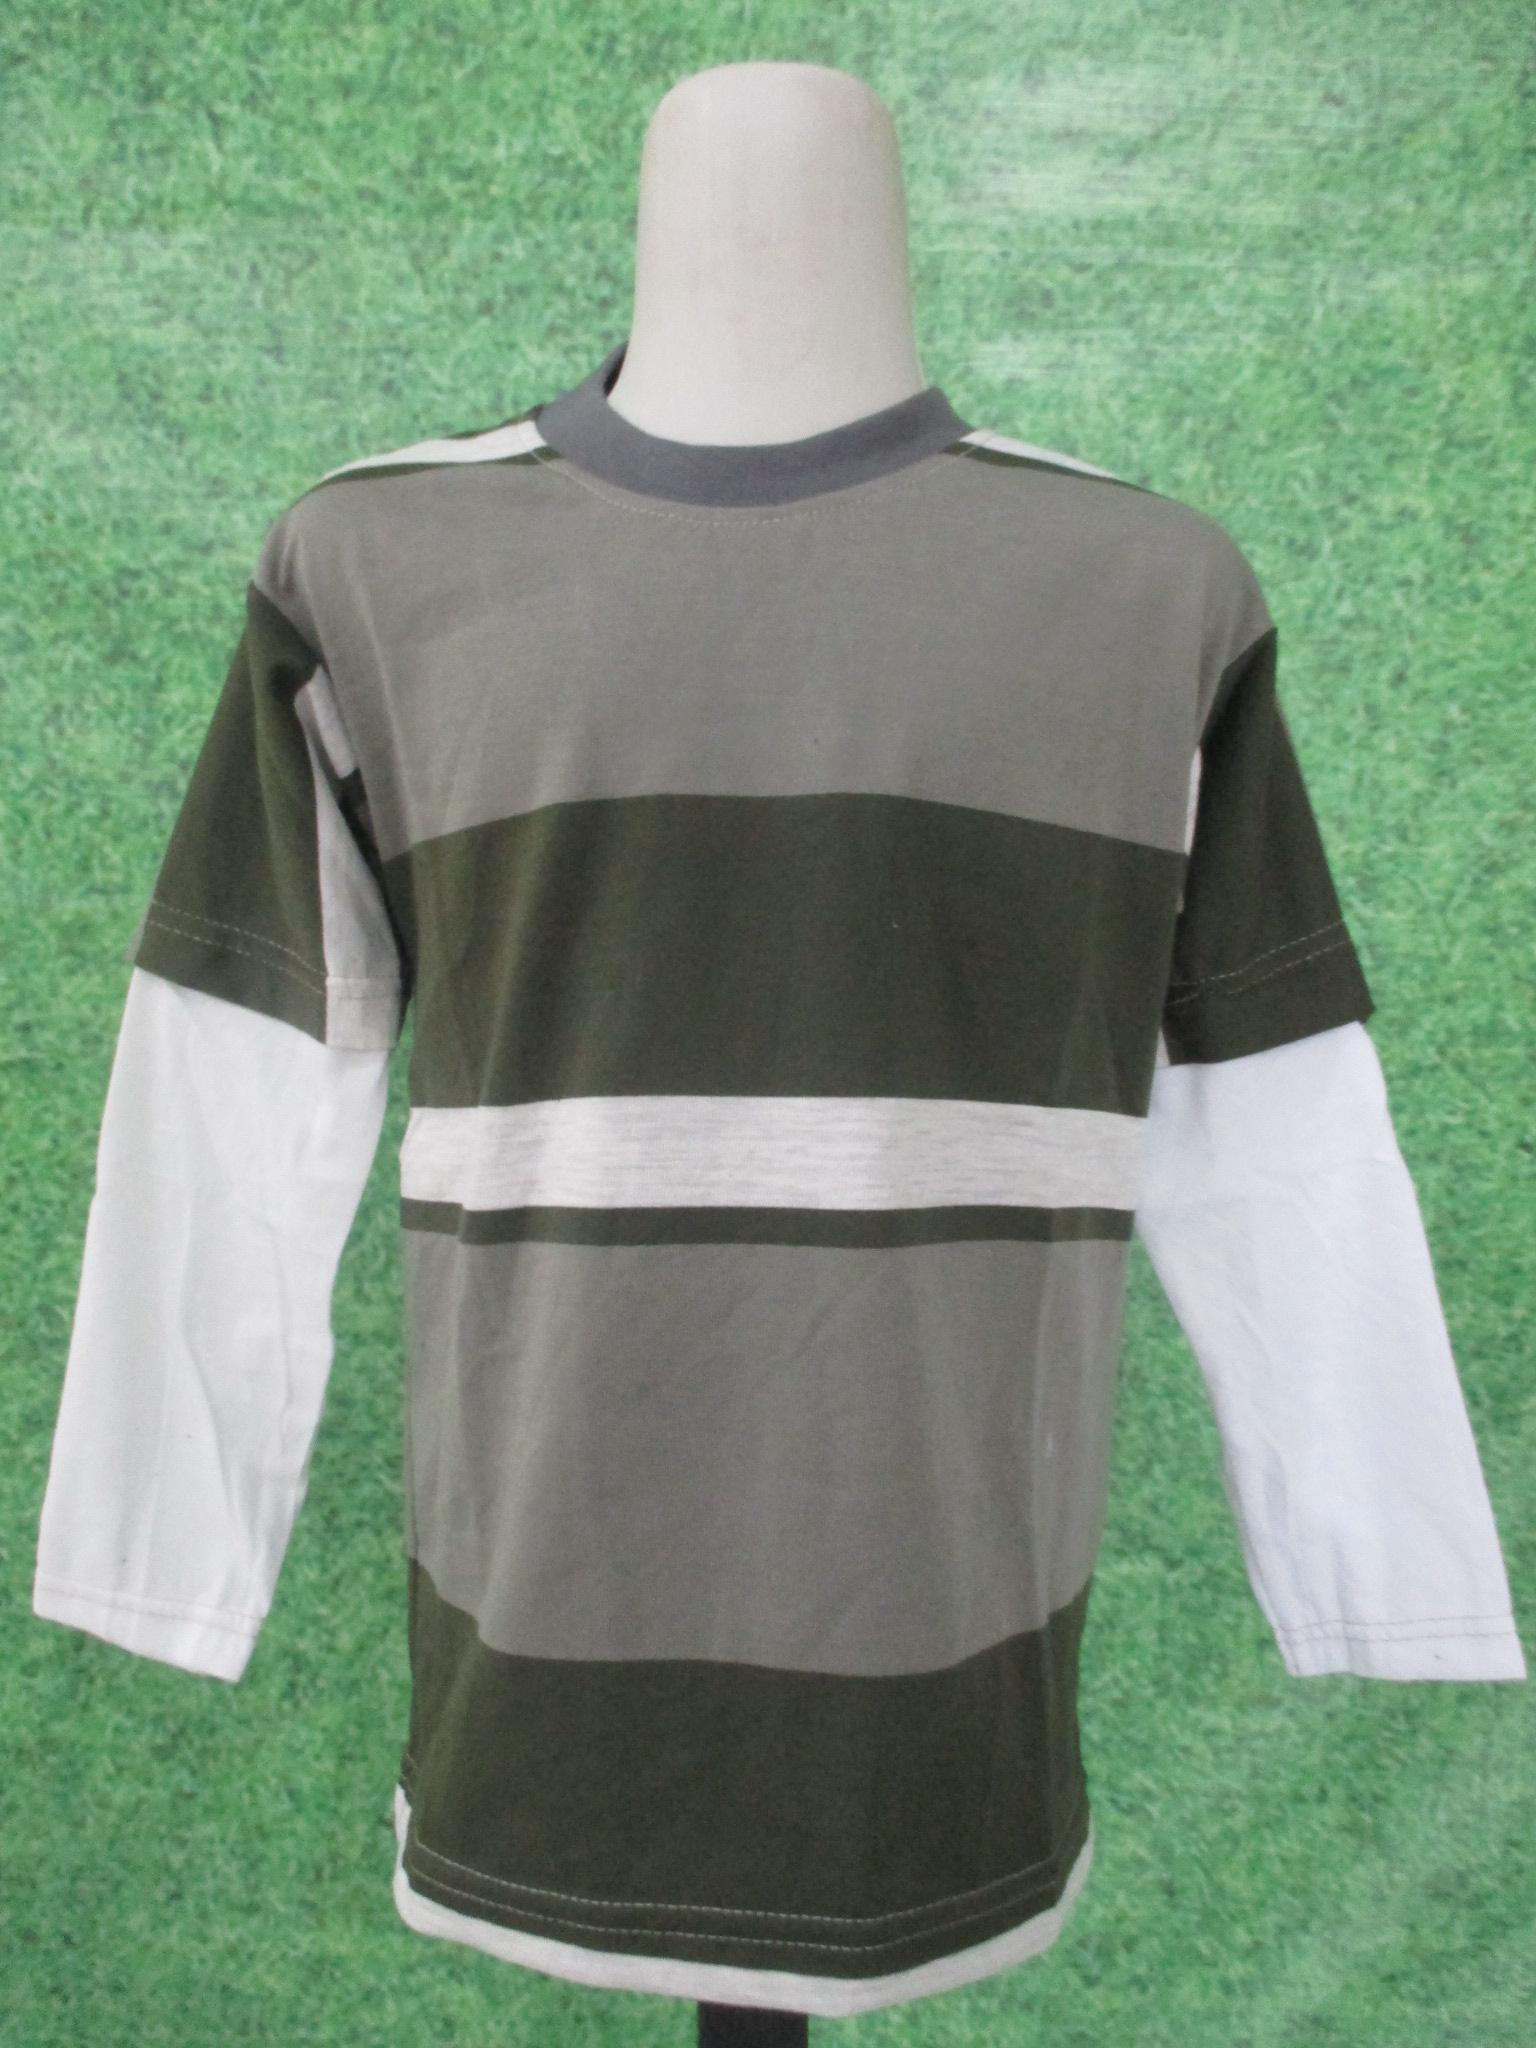 ObralanBaju.com Obral Baju Pakaian Murah Meriah 5000 Kaos Belang Tp